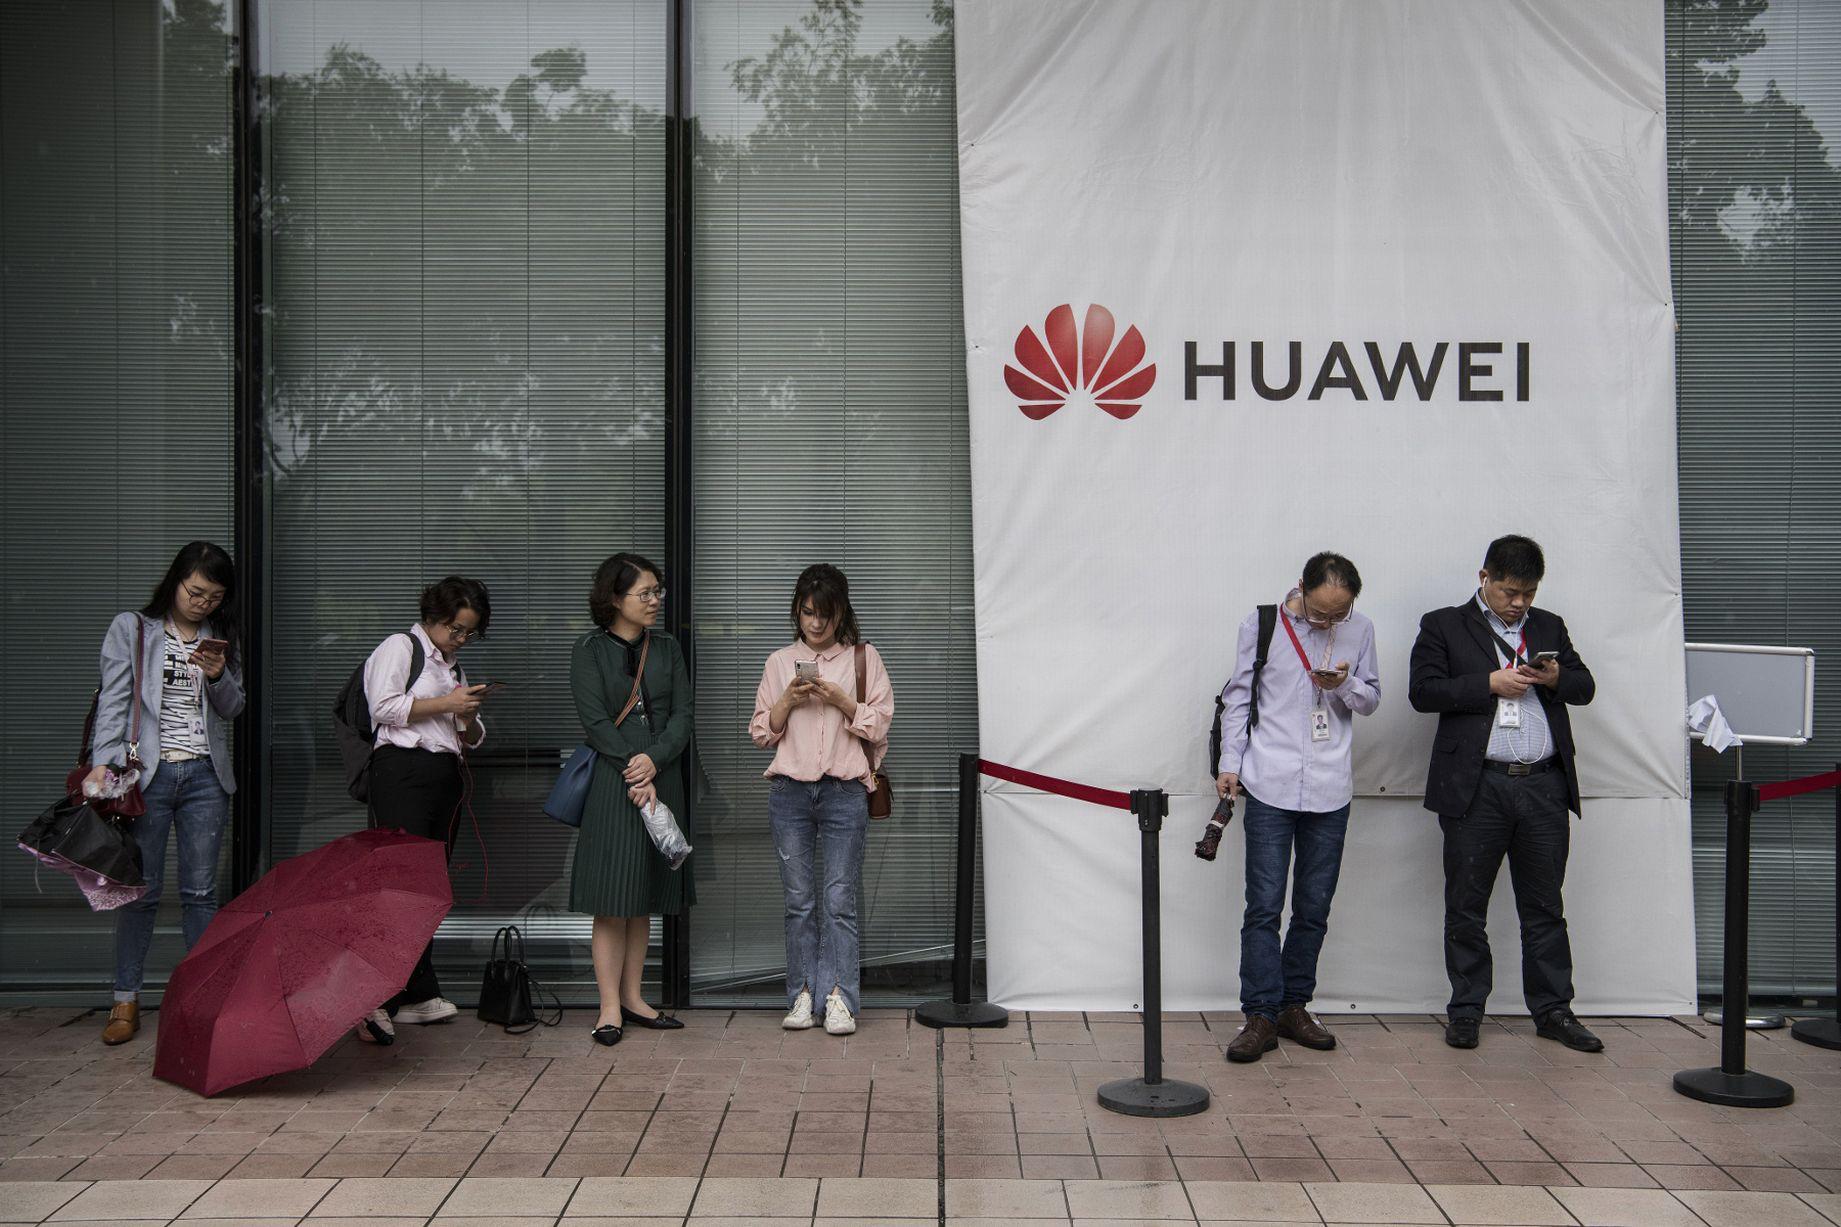 Tâm thư của vợ gửi cho chồng làm việc ở Huawei lan truyền mạnh trên MXH Trung Quốc - Ảnh 2.